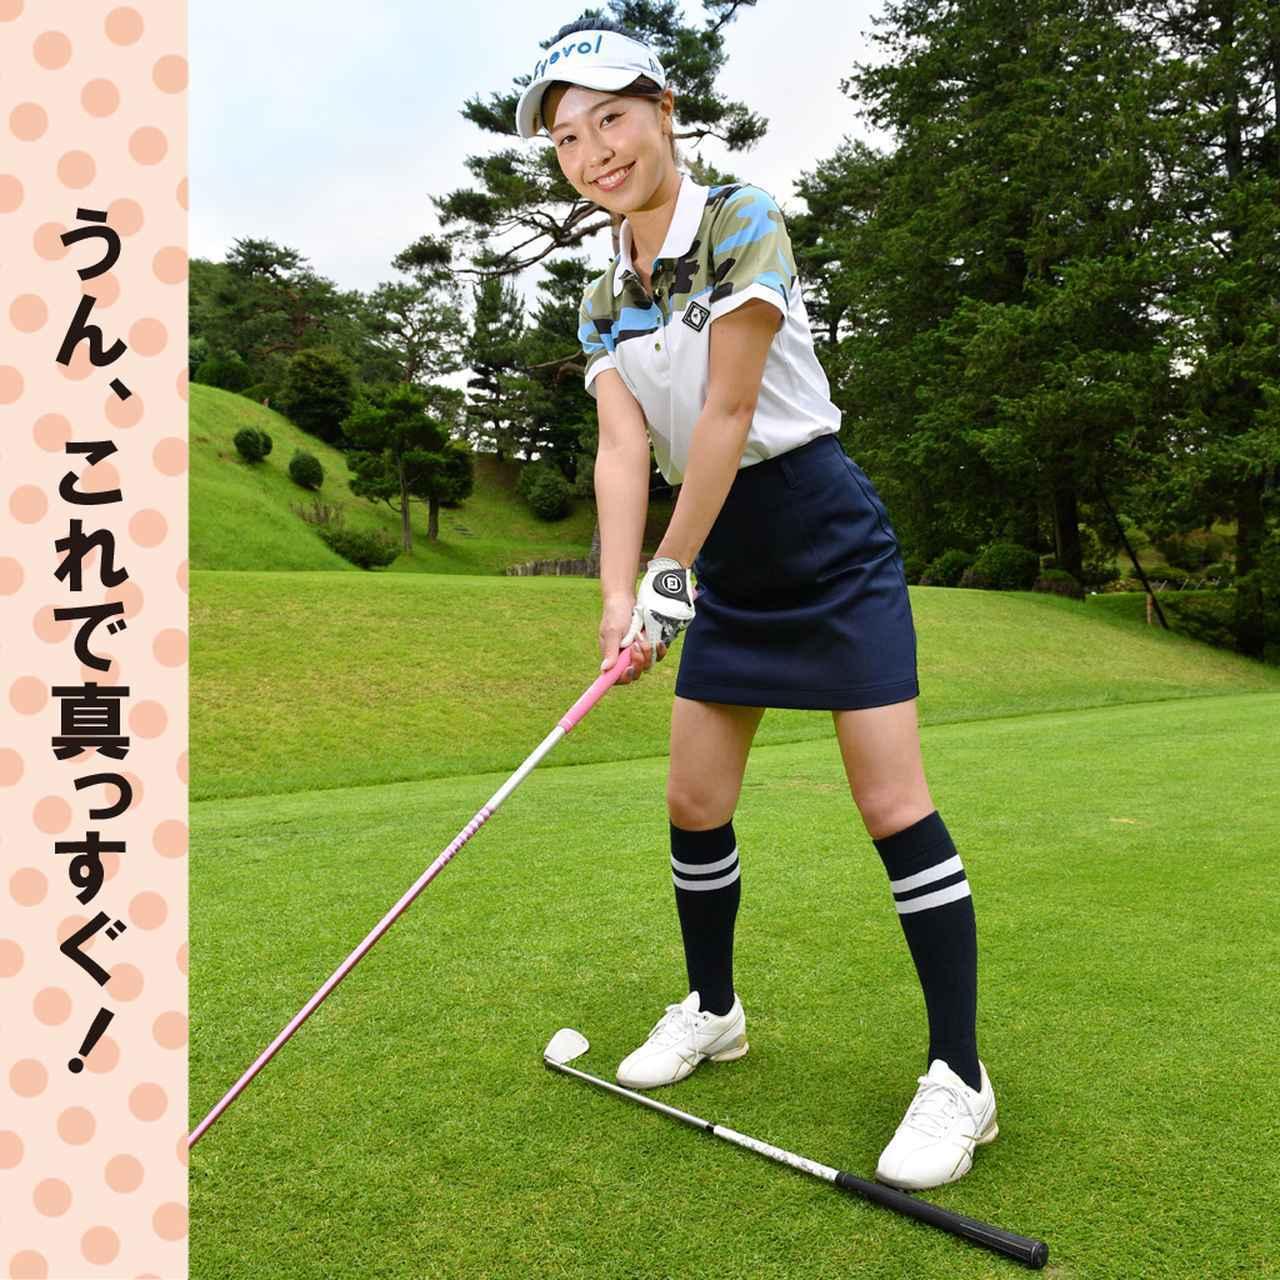 画像: 【新ルール】クラブを置いてスタンスチェック、してもいい? - ゴルフへ行こうWEB by ゴルフダイジェスト